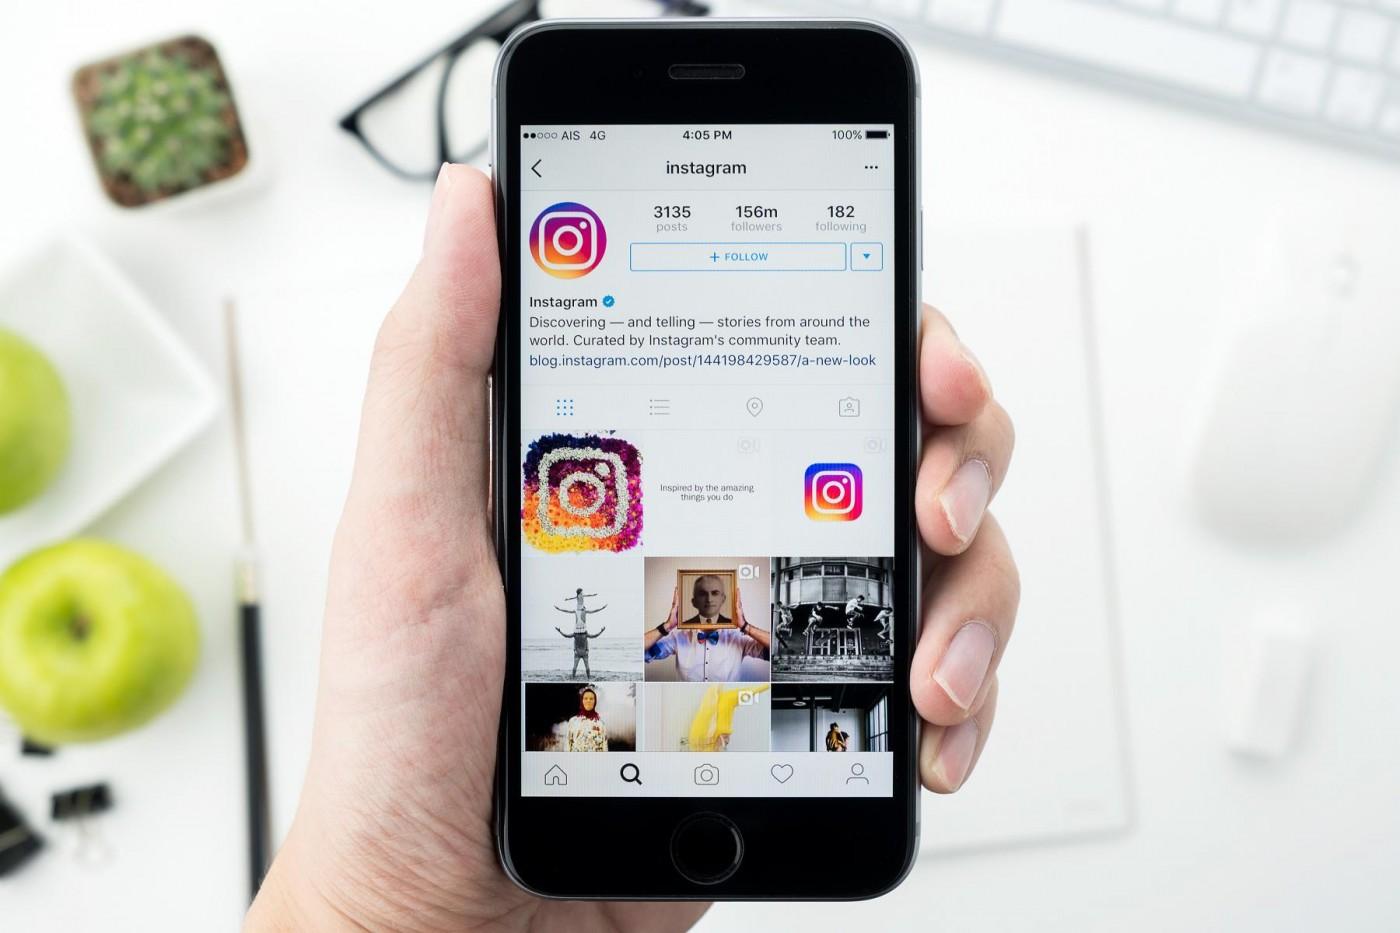 種族歧視風波再起,一張動態圖害Instagram移除GIF 功能